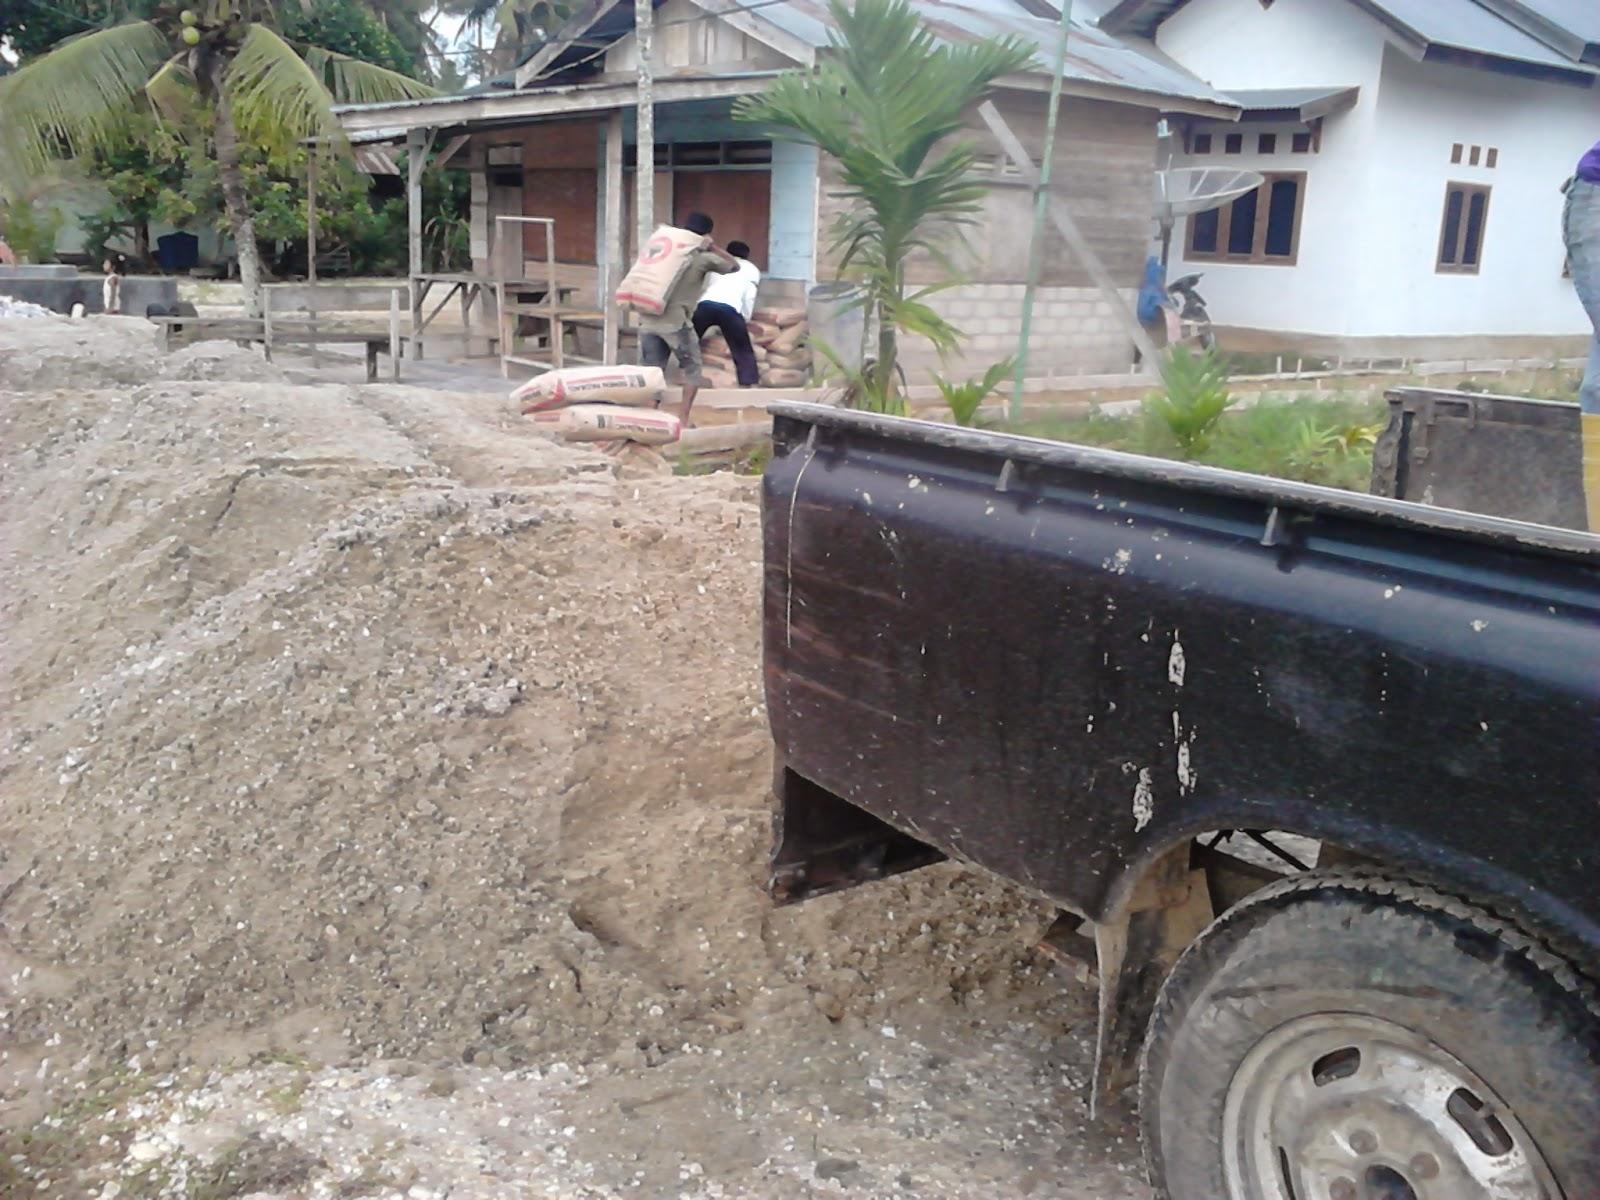 mengangkut semen menggunakan mobil pick up di Desa Seresam